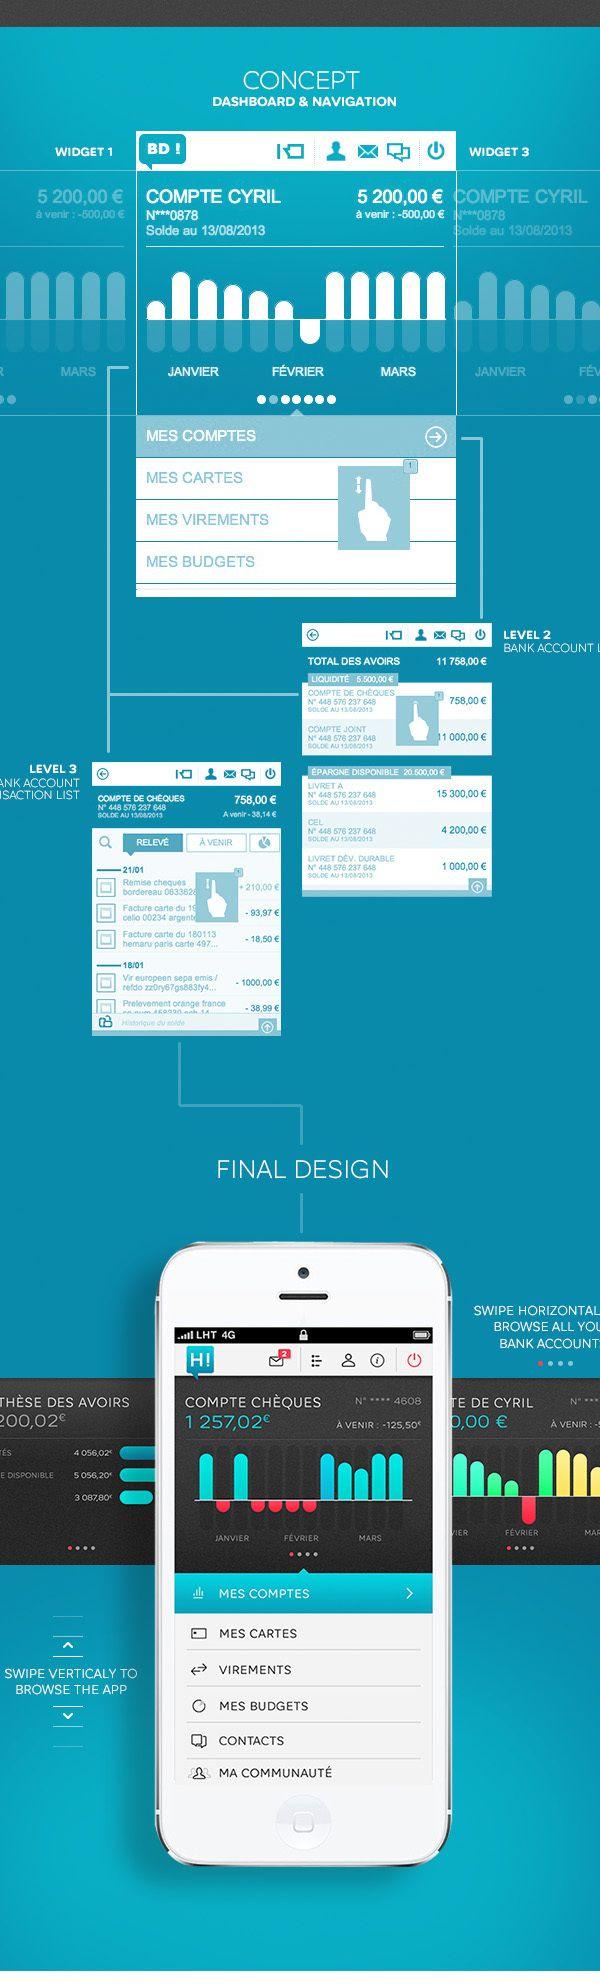 Hello Bank Iphone User Interface | Designer: Thomas Ciszewski